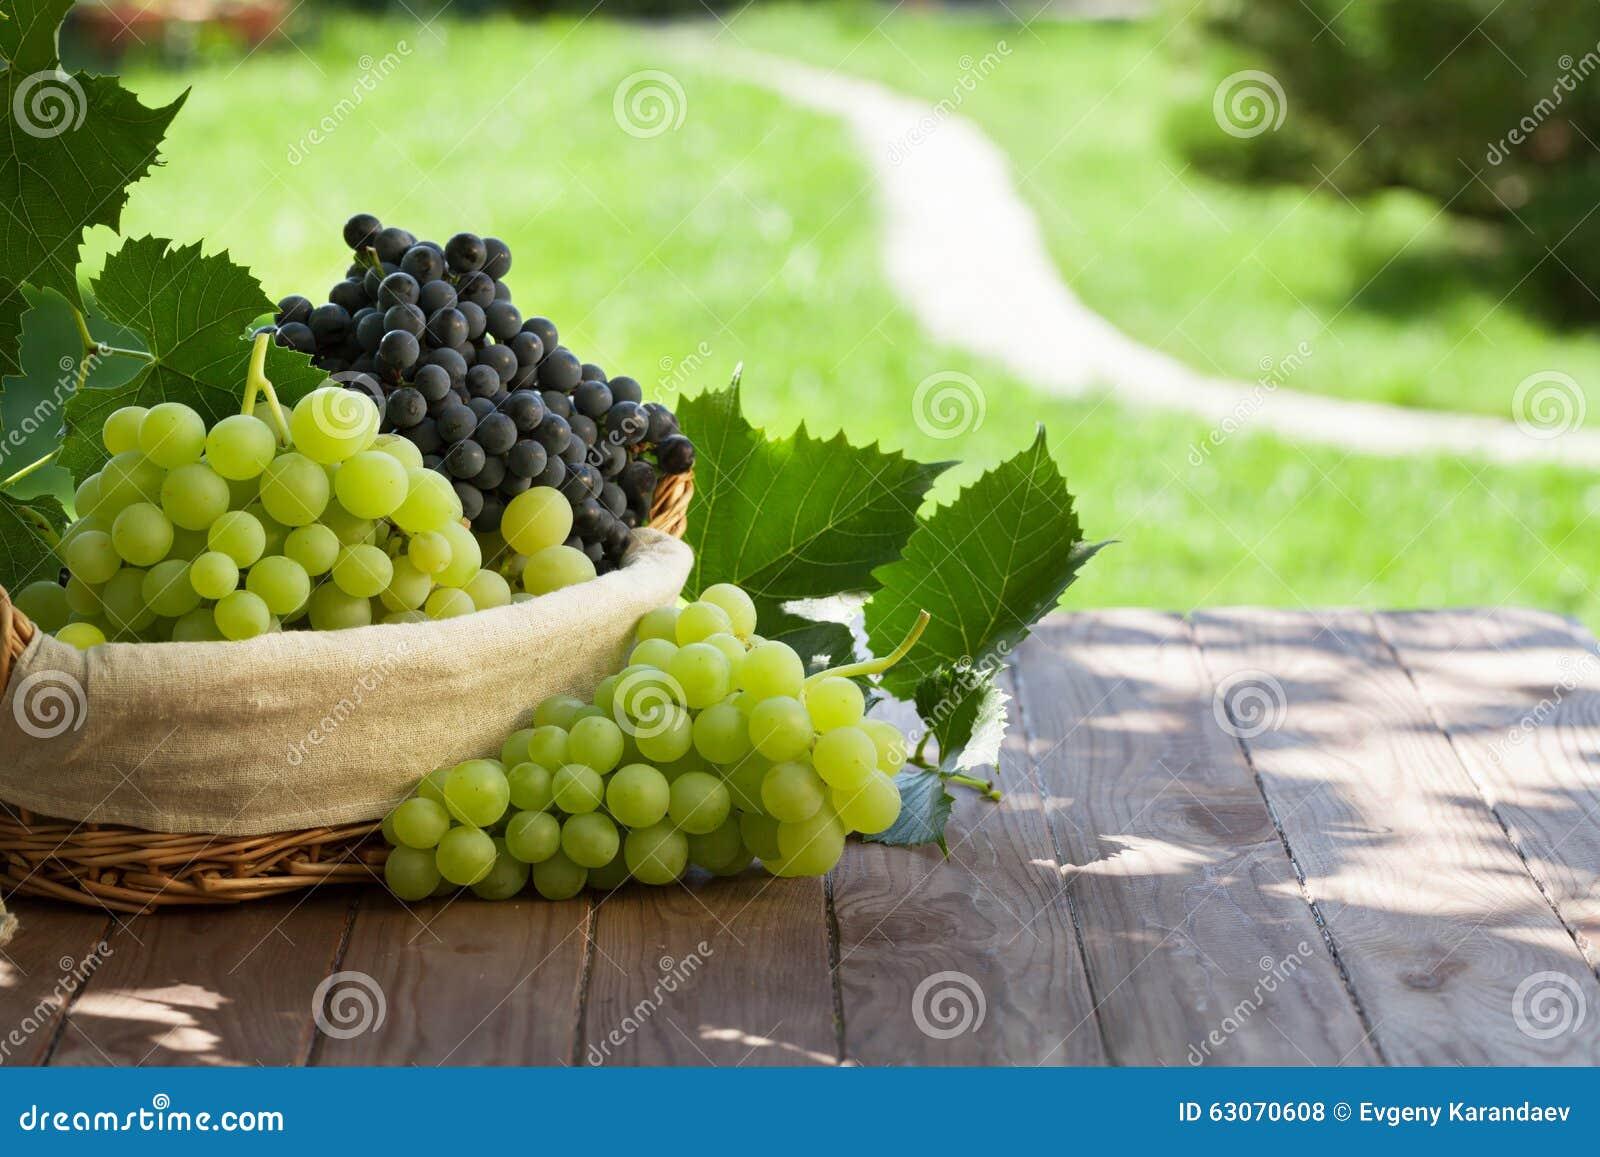 Röda och vita druvor i korg